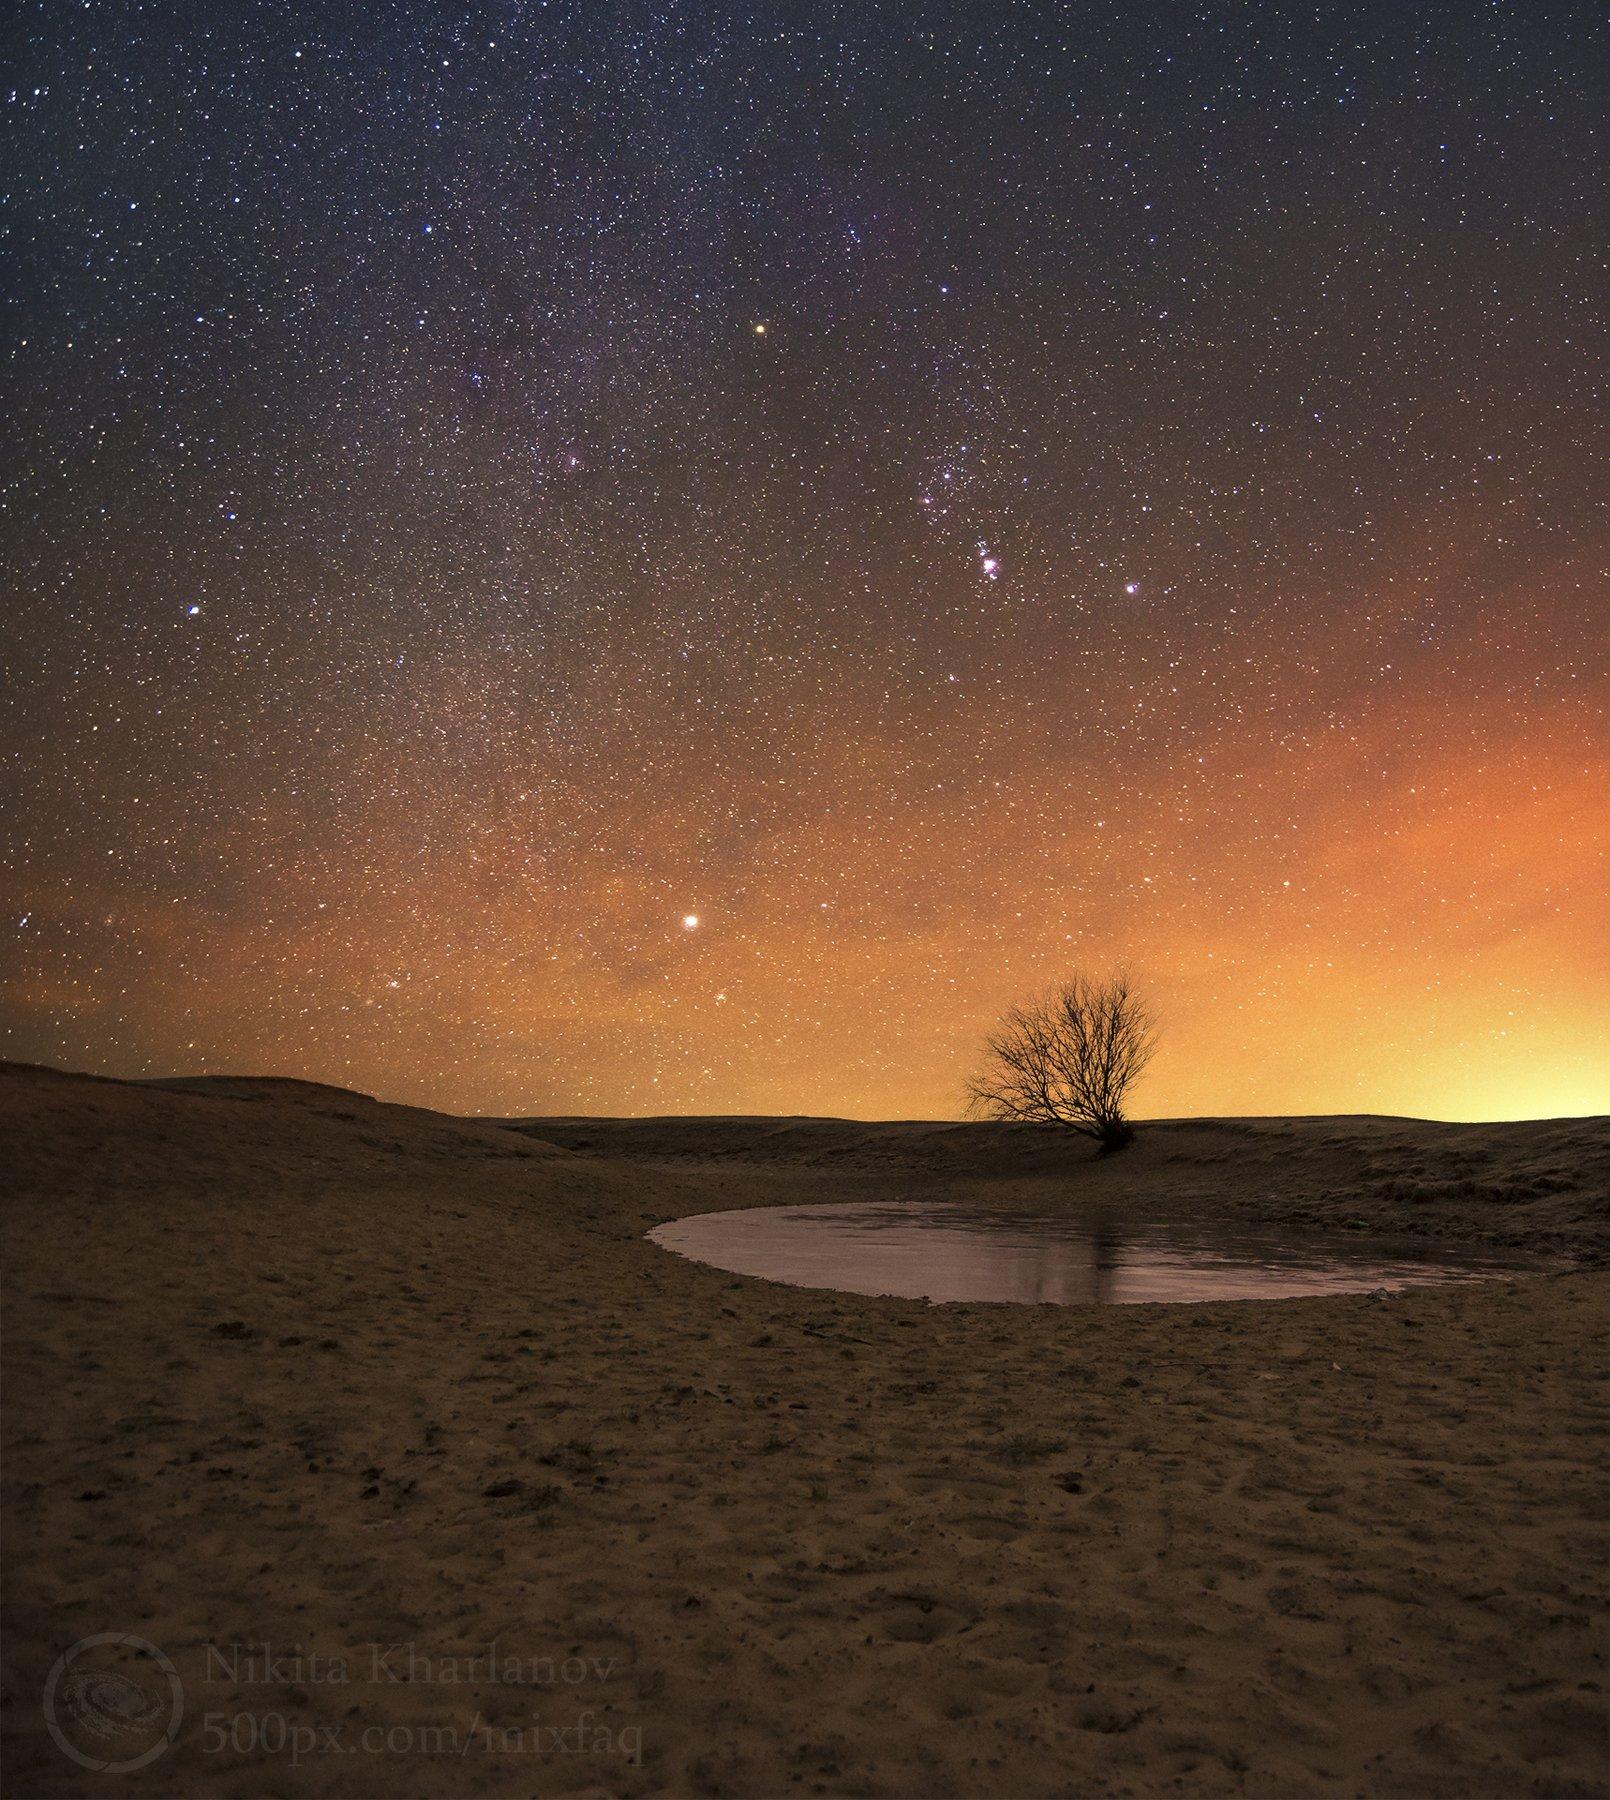 астрофото, астрономия, астрофотография, ночной пейзаж, Млечный путь, звездный путь, звезды, звездная ночь, звезда, созвездие, созвездие Ориона, Ригель, Сириус, облака, туманное небо, сияние атмосферы, ночной пейзаж, астропейзаж, одинокое дерево, дерево, к, Харланов Никита